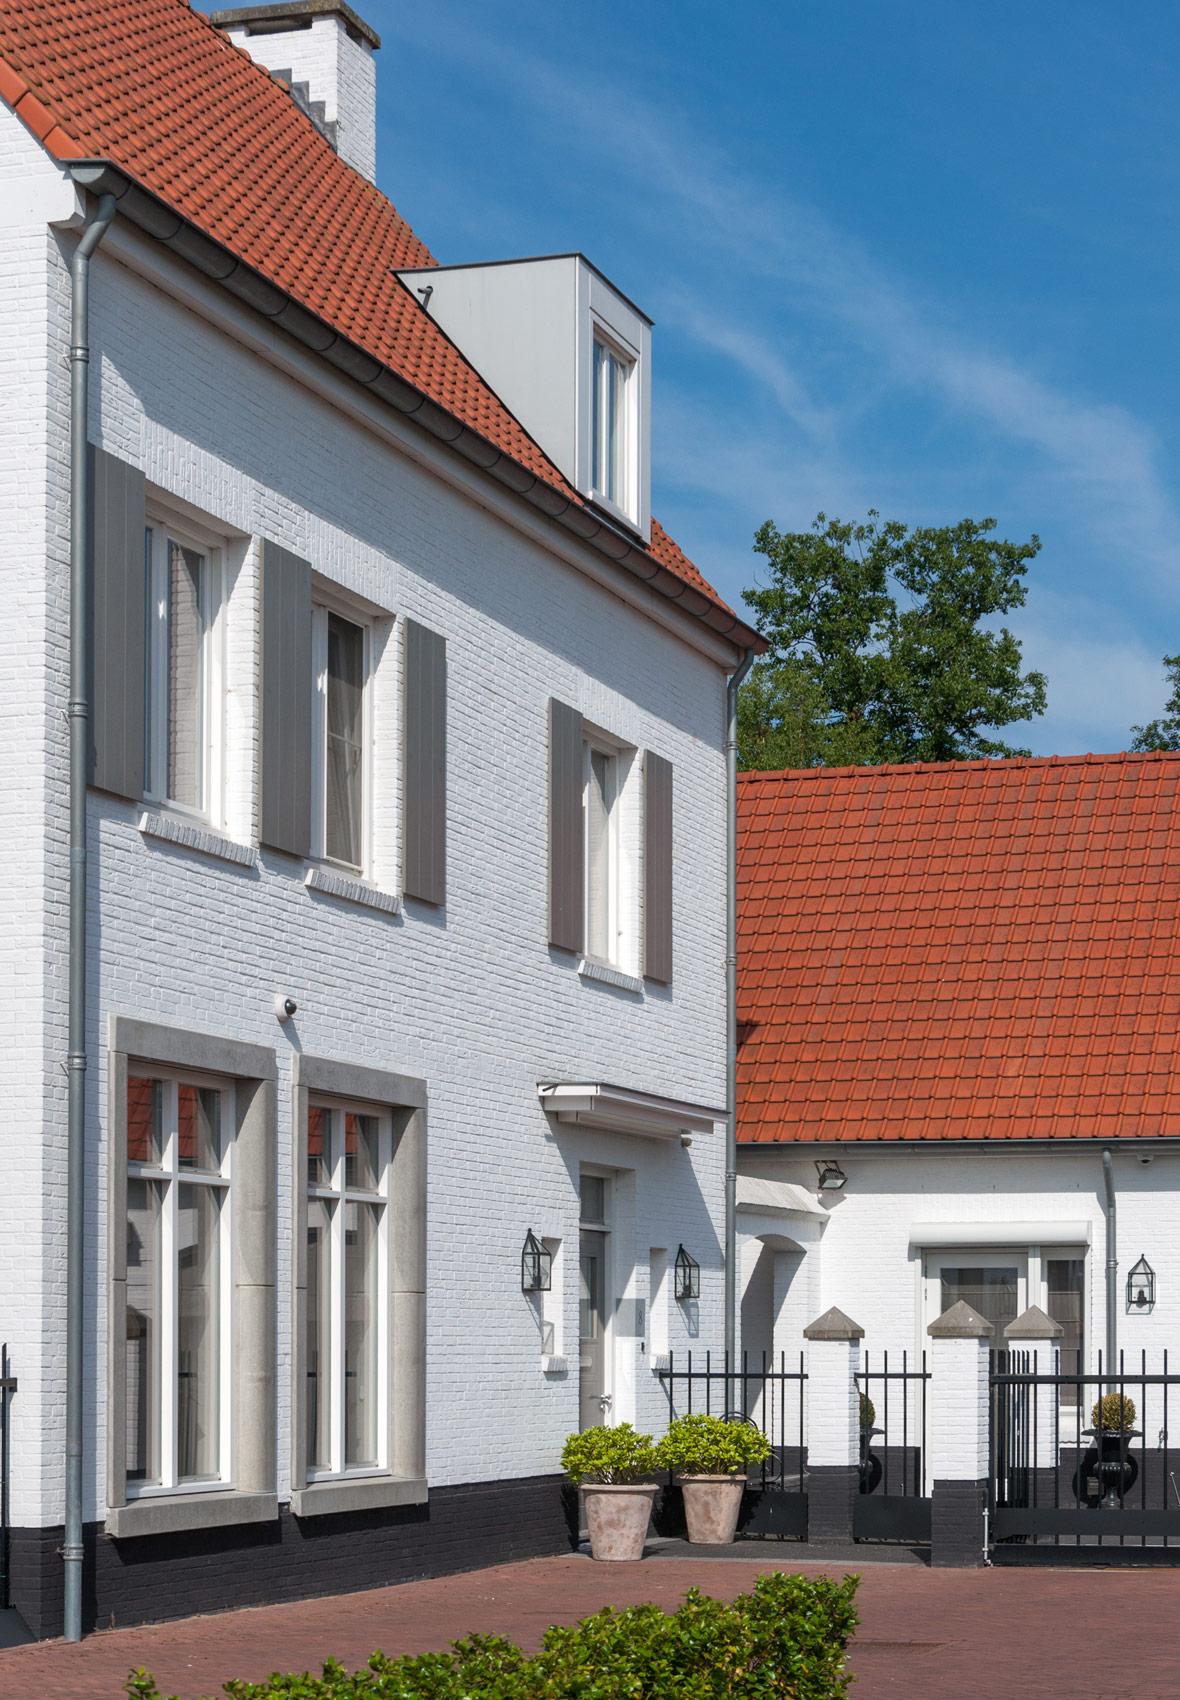 Kero-vastgoed-tegenbosch-nieuwbouw-particulier-woning